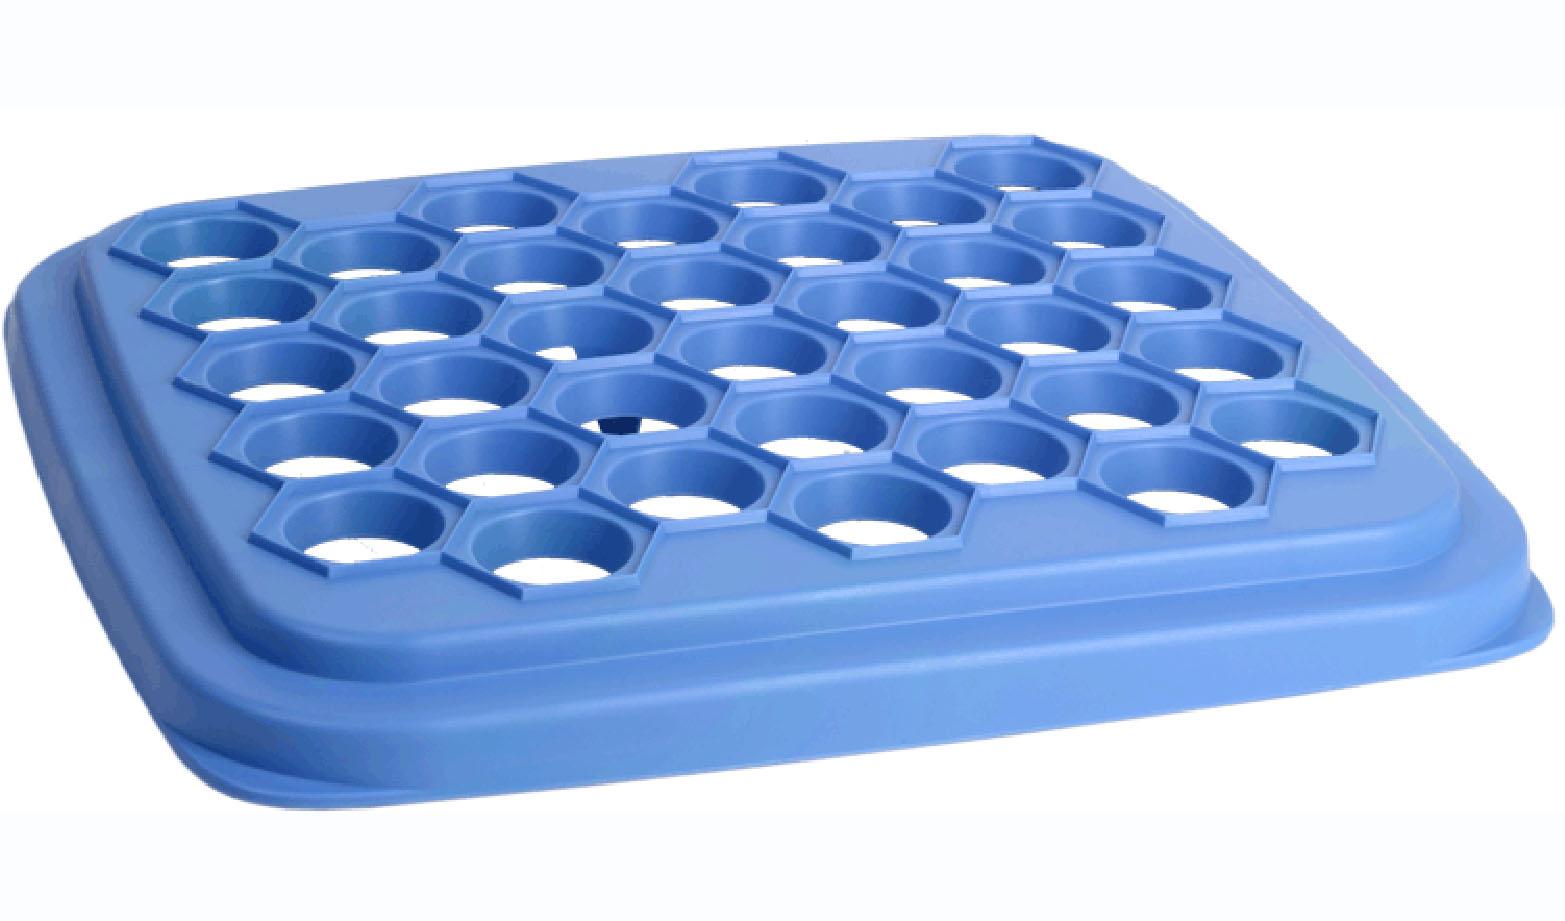 Пельменница Idea, цвет: сиреневый, 25,5 см х 28,5 смМ 1205Пельменница Idea, выполненная из полистирола, предназначена для быстрого и легкого приготовления пельменей. Использовать пельменницу очень просто: - раскатайте тесто, - положите на форму первый слой раскатанного теста, - разложите кусочки мяса, слегка утопив их в ячейках, - накройте вторым слоем теста и пройдитесь скалкой, - пельмени слеплены и отделены от формы. Пельменница Idea - это функциональное и необходимое в каждом доме приспособление. С ним готовка и лепка займет намного меньше времени, а пельмени получатся идеально ровной формы. Размер пельменницы: 25,5 см х 28,5 см х 3 см. Диаметр ячейки для пельменей: 3 см.